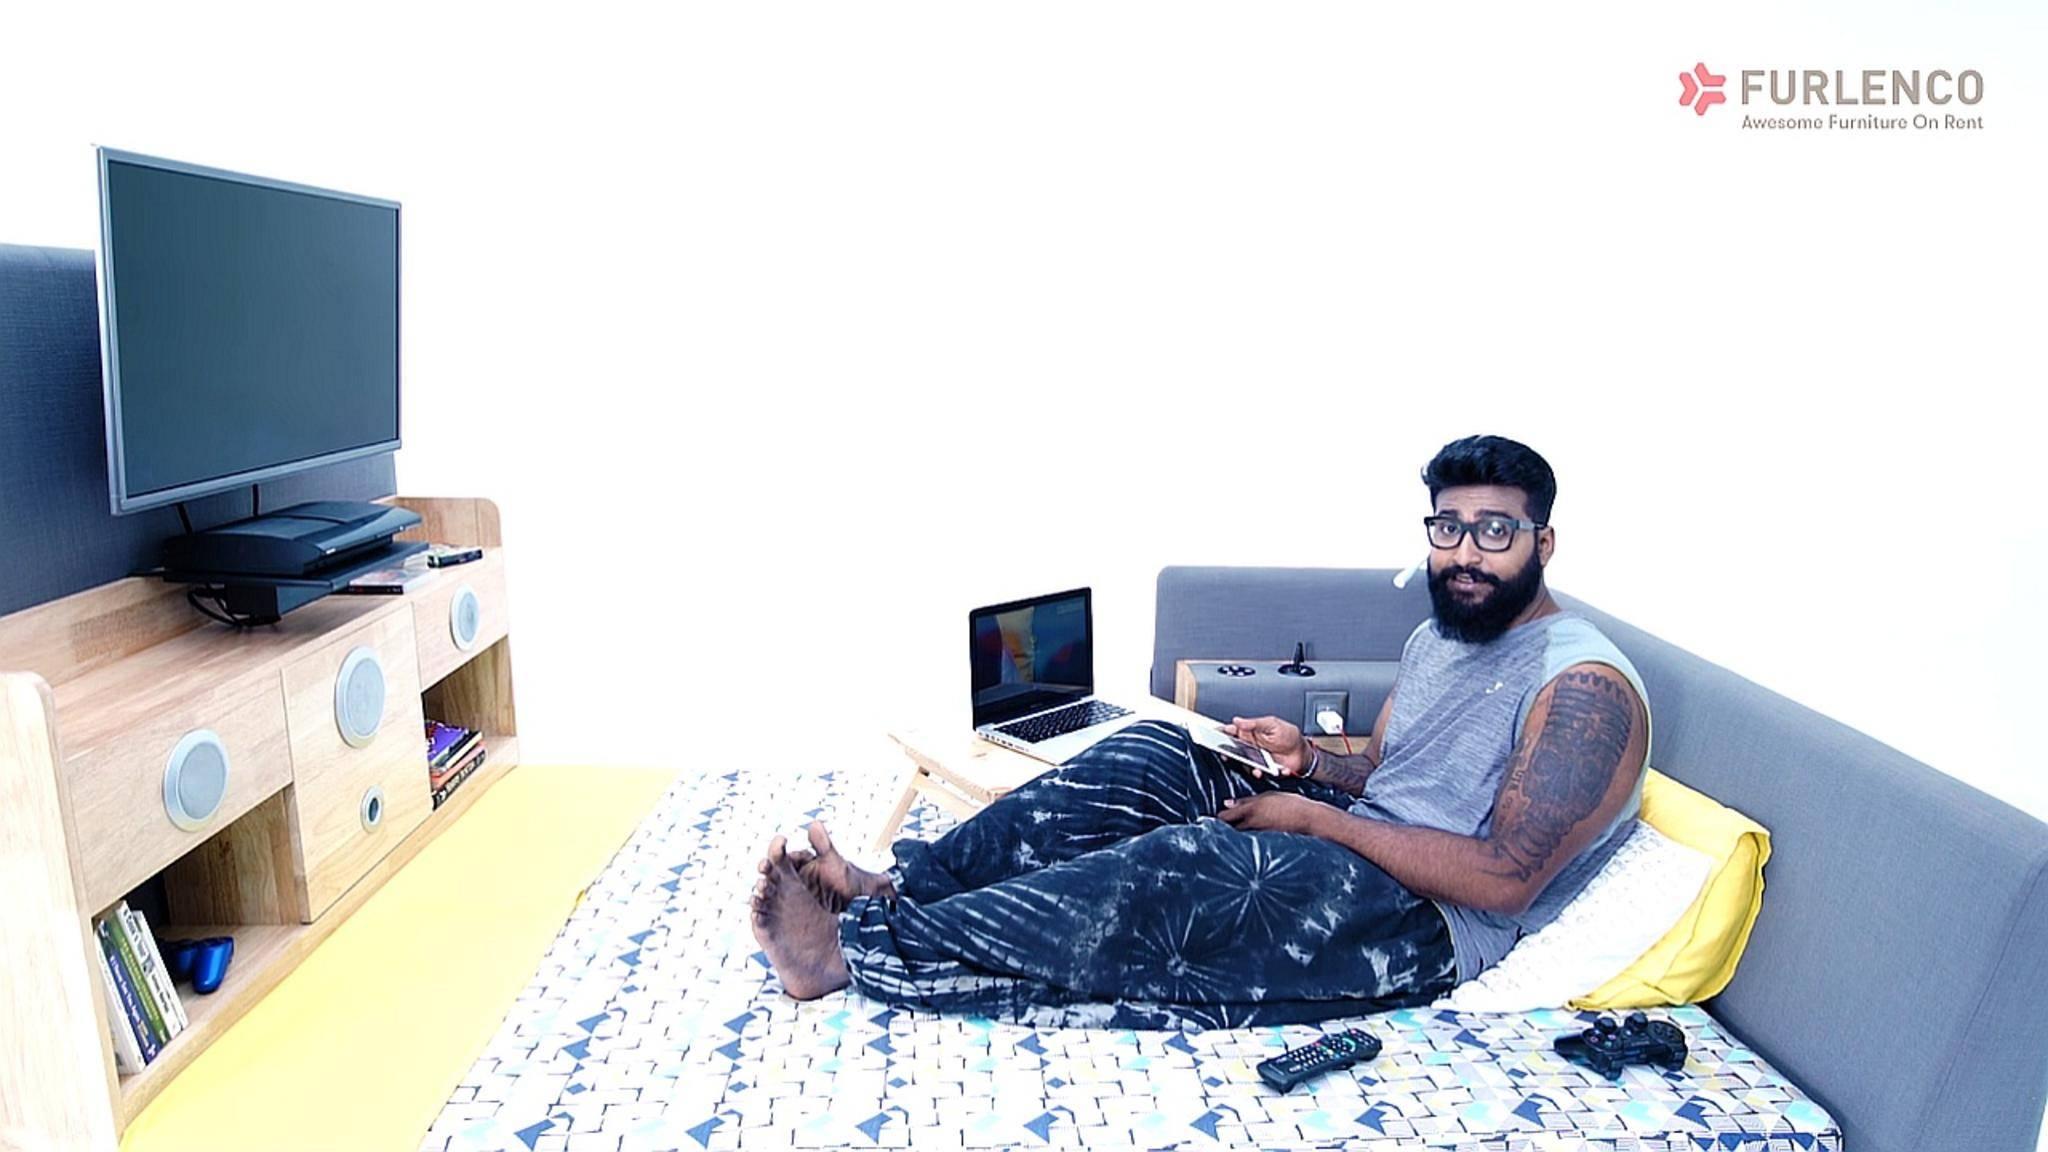 """""""What the Bed?"""" Der offizielle Slogan zum Furlenco-Bett mit integriertem Fernseher bringt es auf den Punkt."""